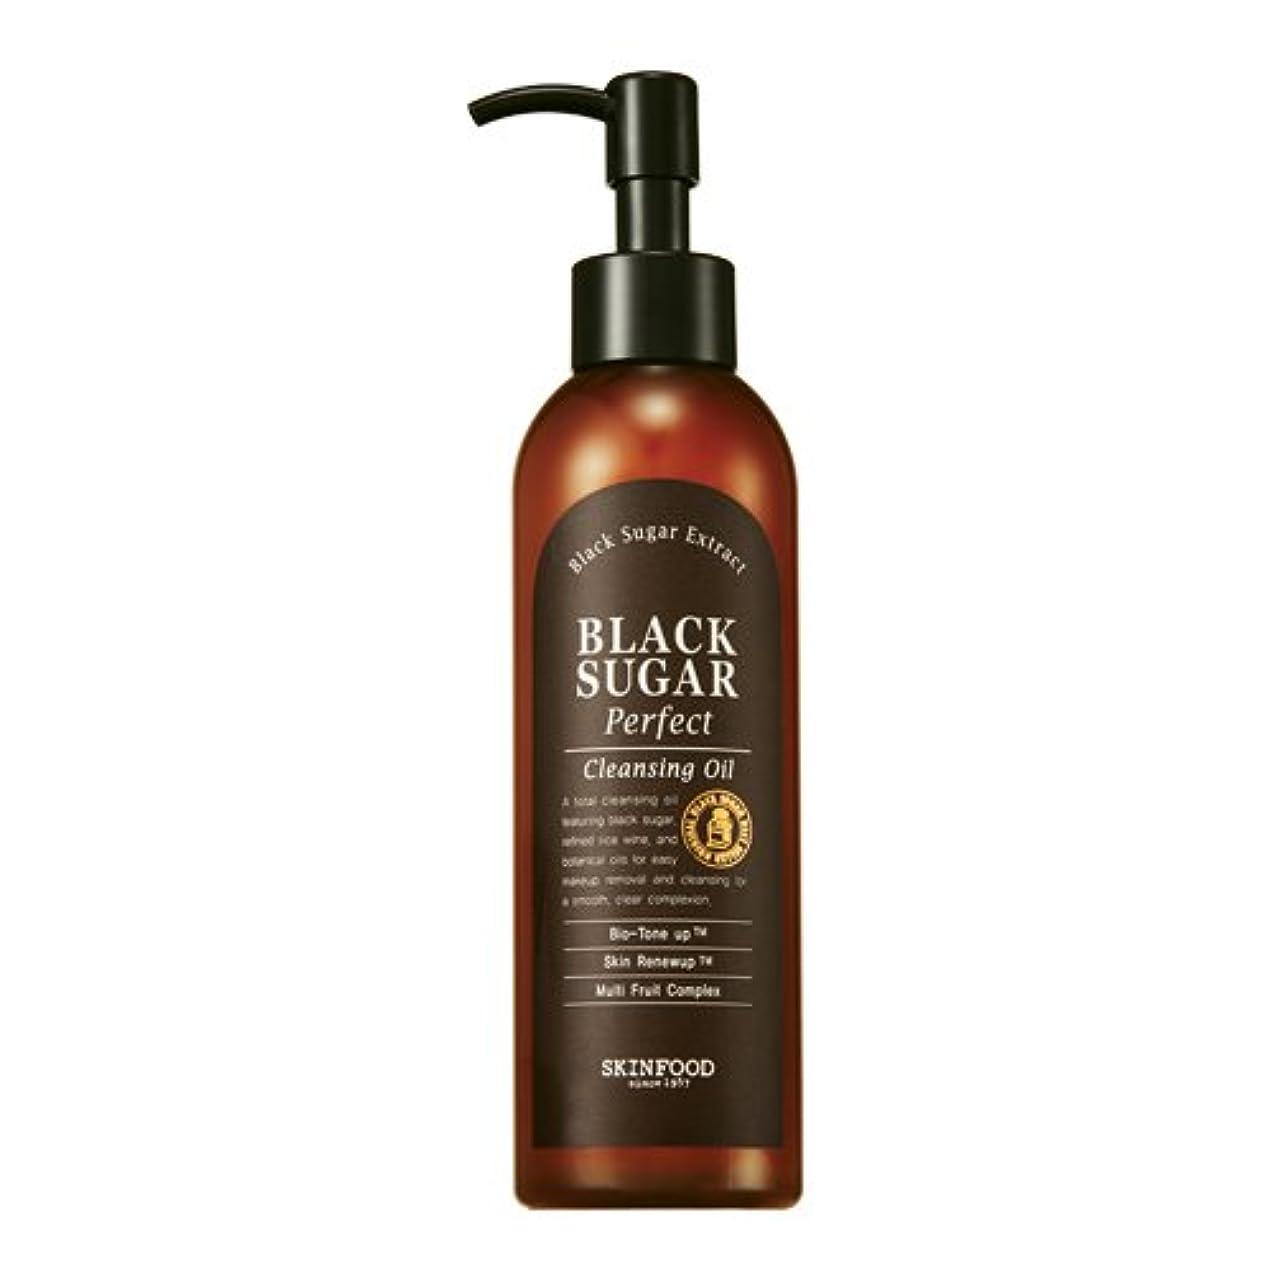 松明境界分配しますSkinfood/Black Sugar Perfect Cleansing Oil/ブラックシュガーパーフェクトクレンジングオイル/200ml [並行輸入品]